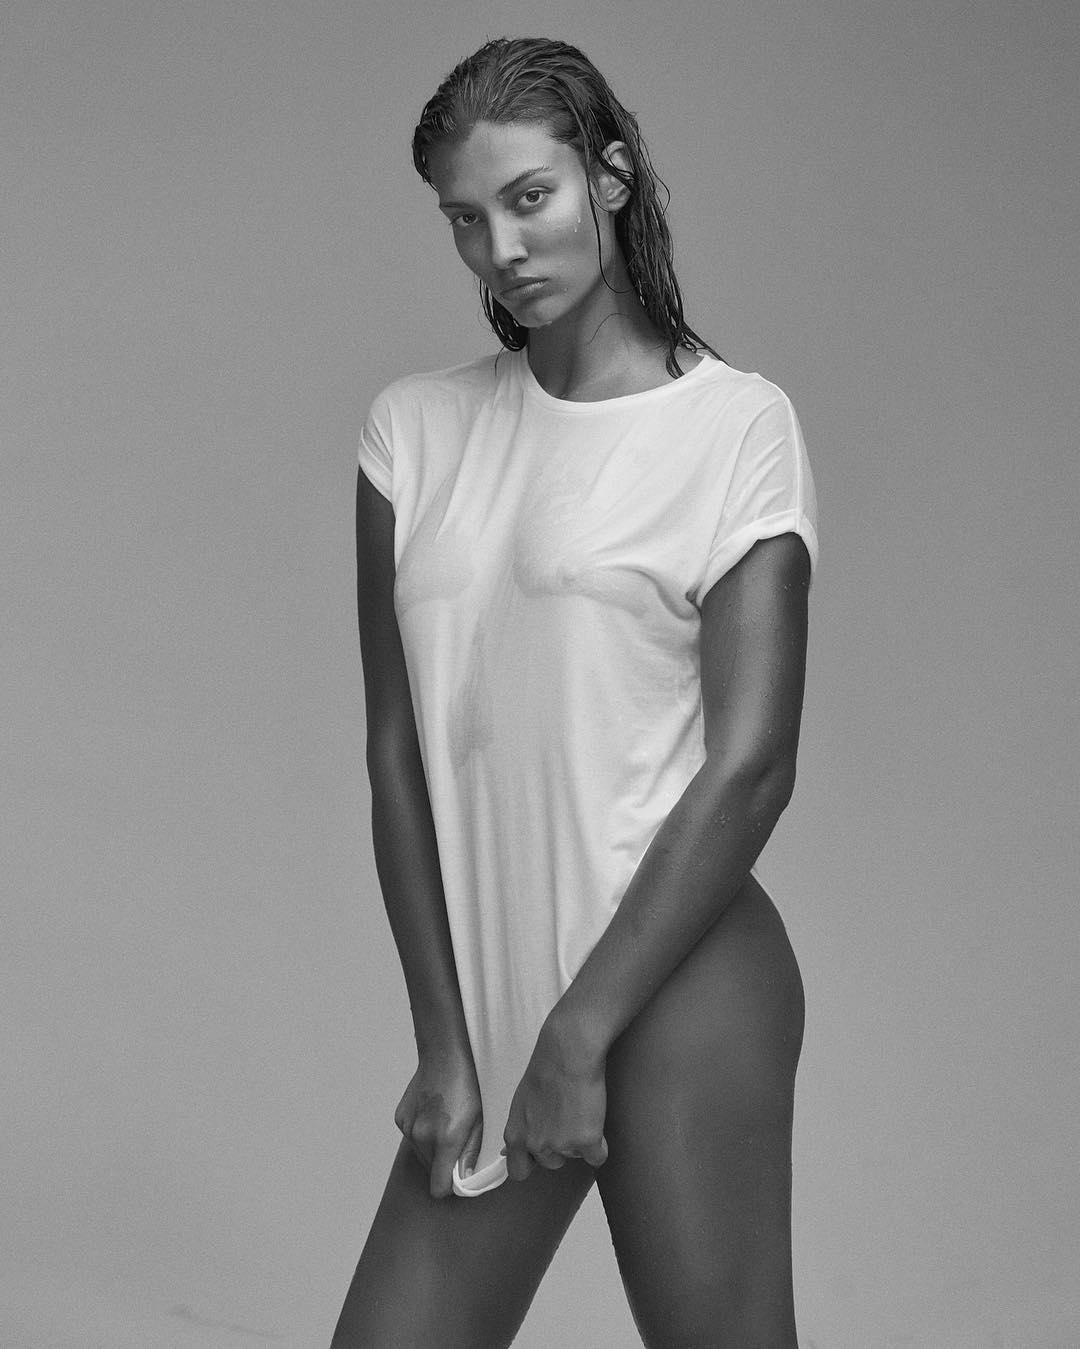 Dana Taylor nudes (85 photos), Topless, Fappening, Feet, panties 2020